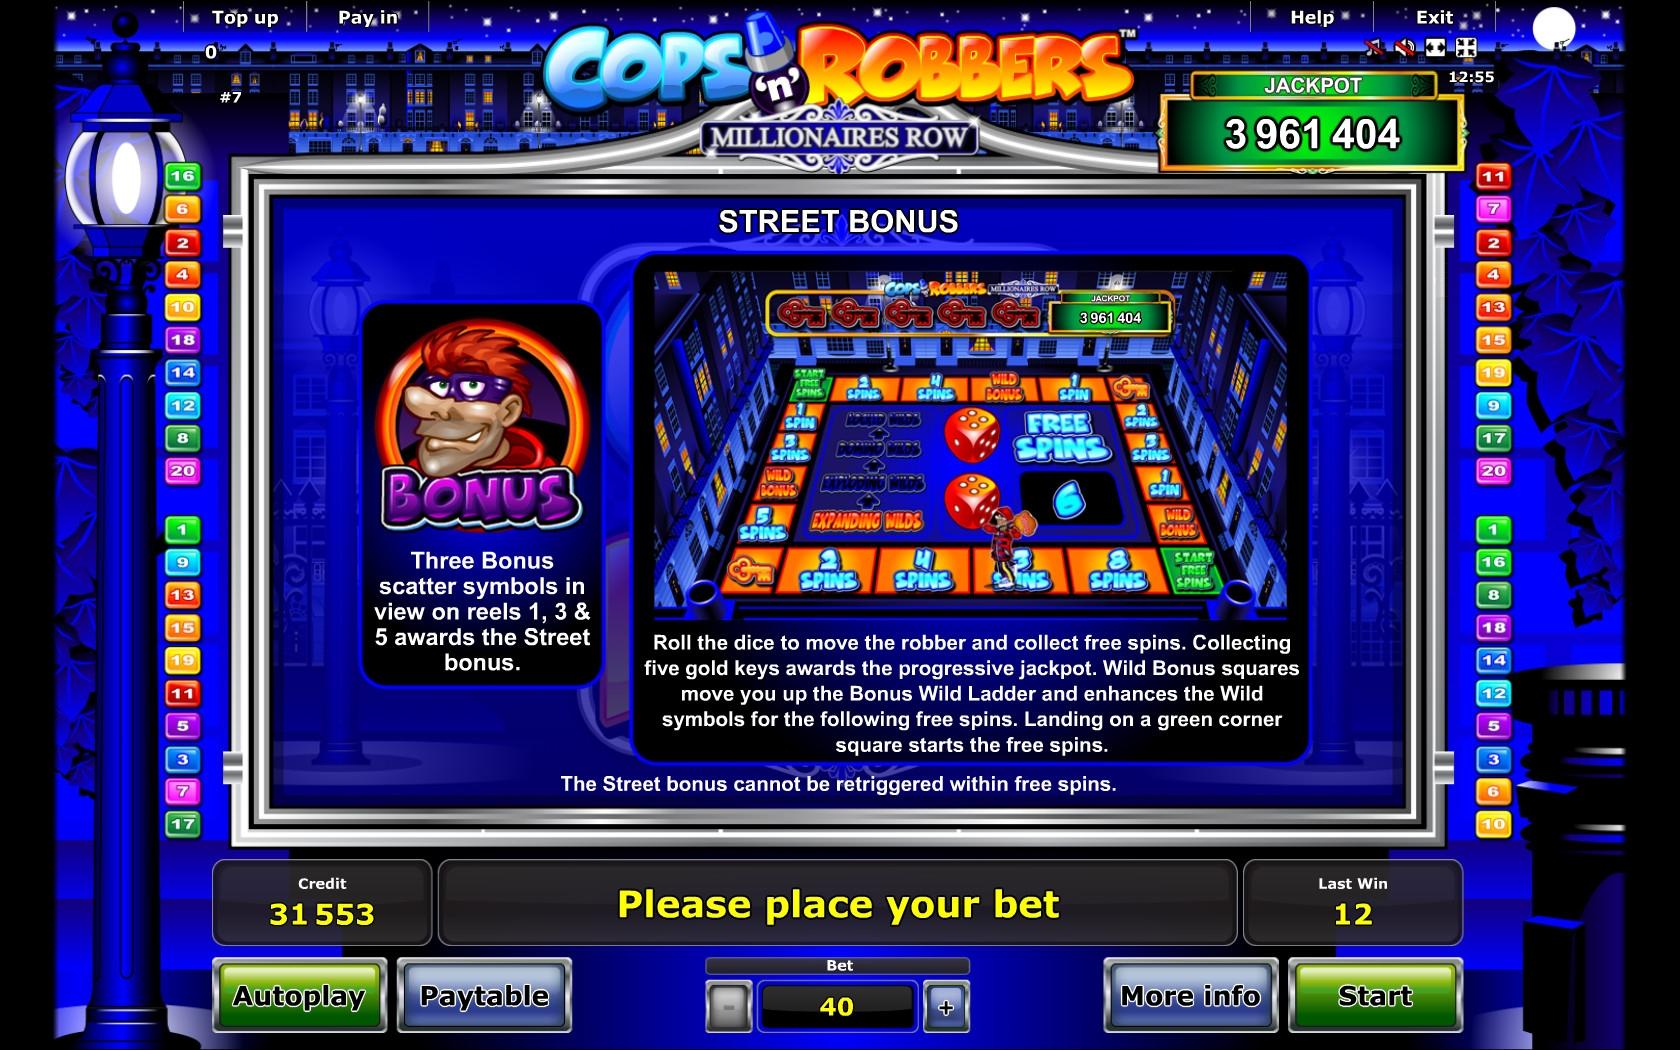 Automaten Spiele kostenlos spielen Gratis -73836